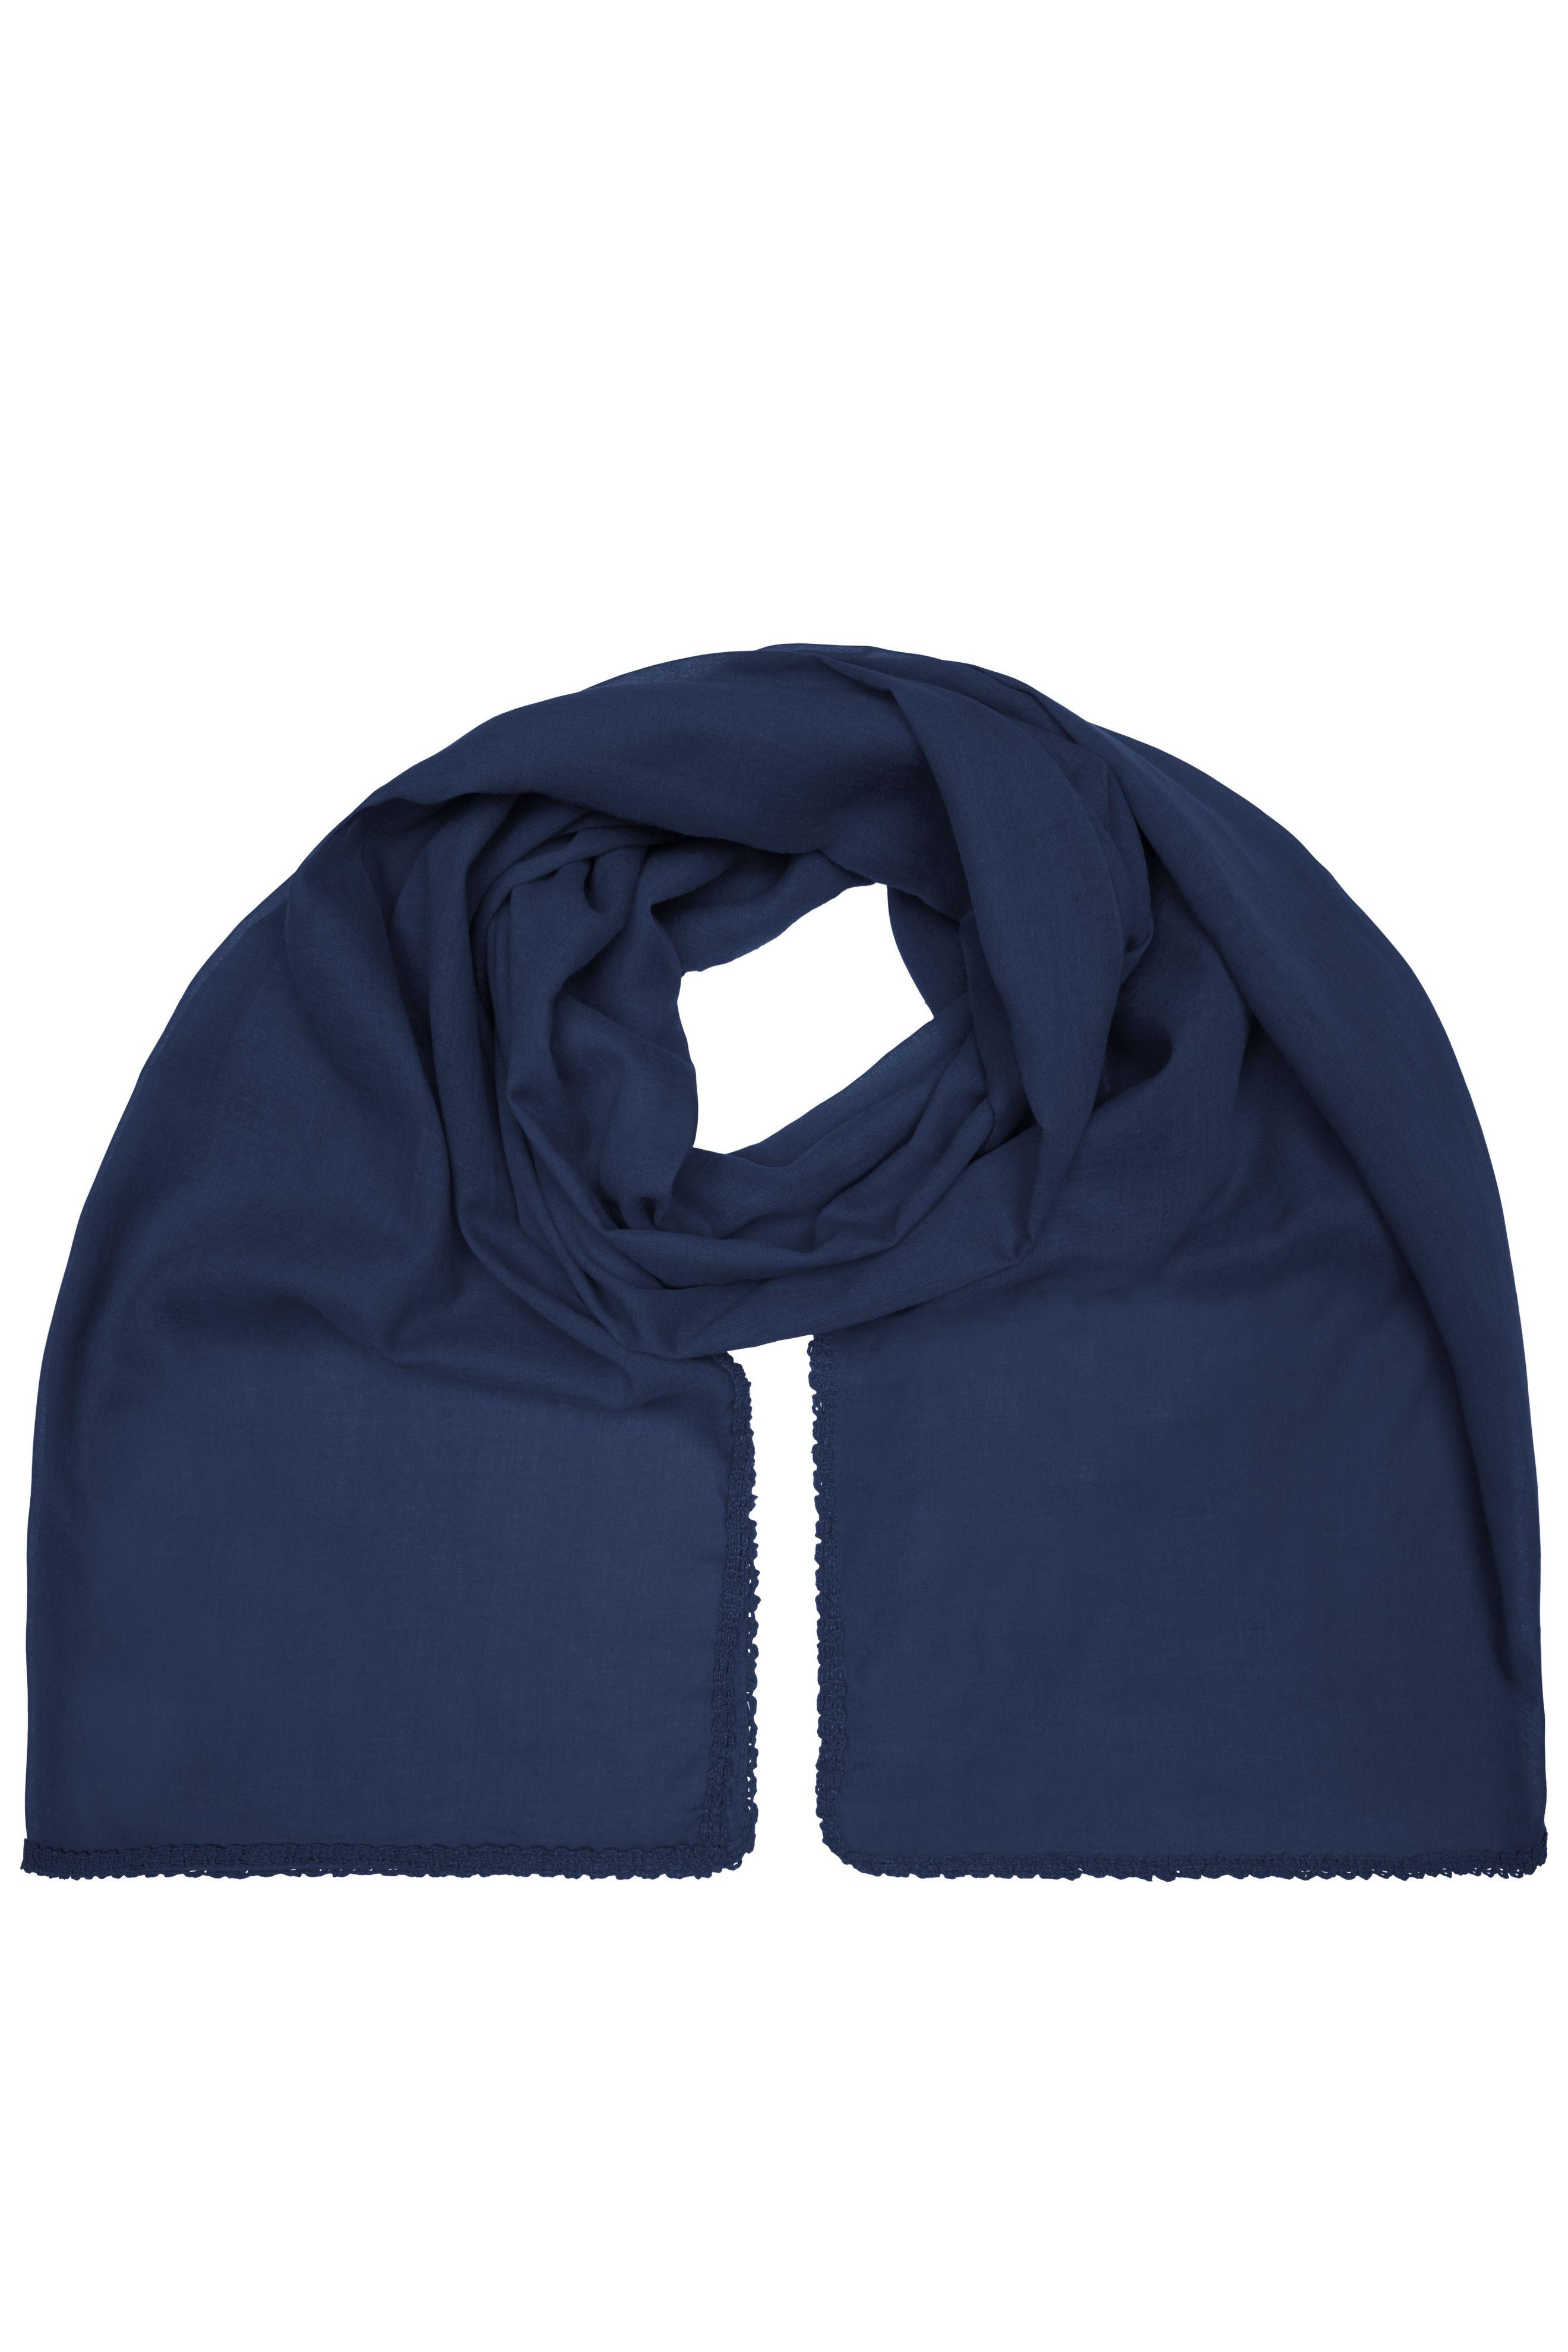 Modischer Schal mit Zierbordüre entlang der Kante